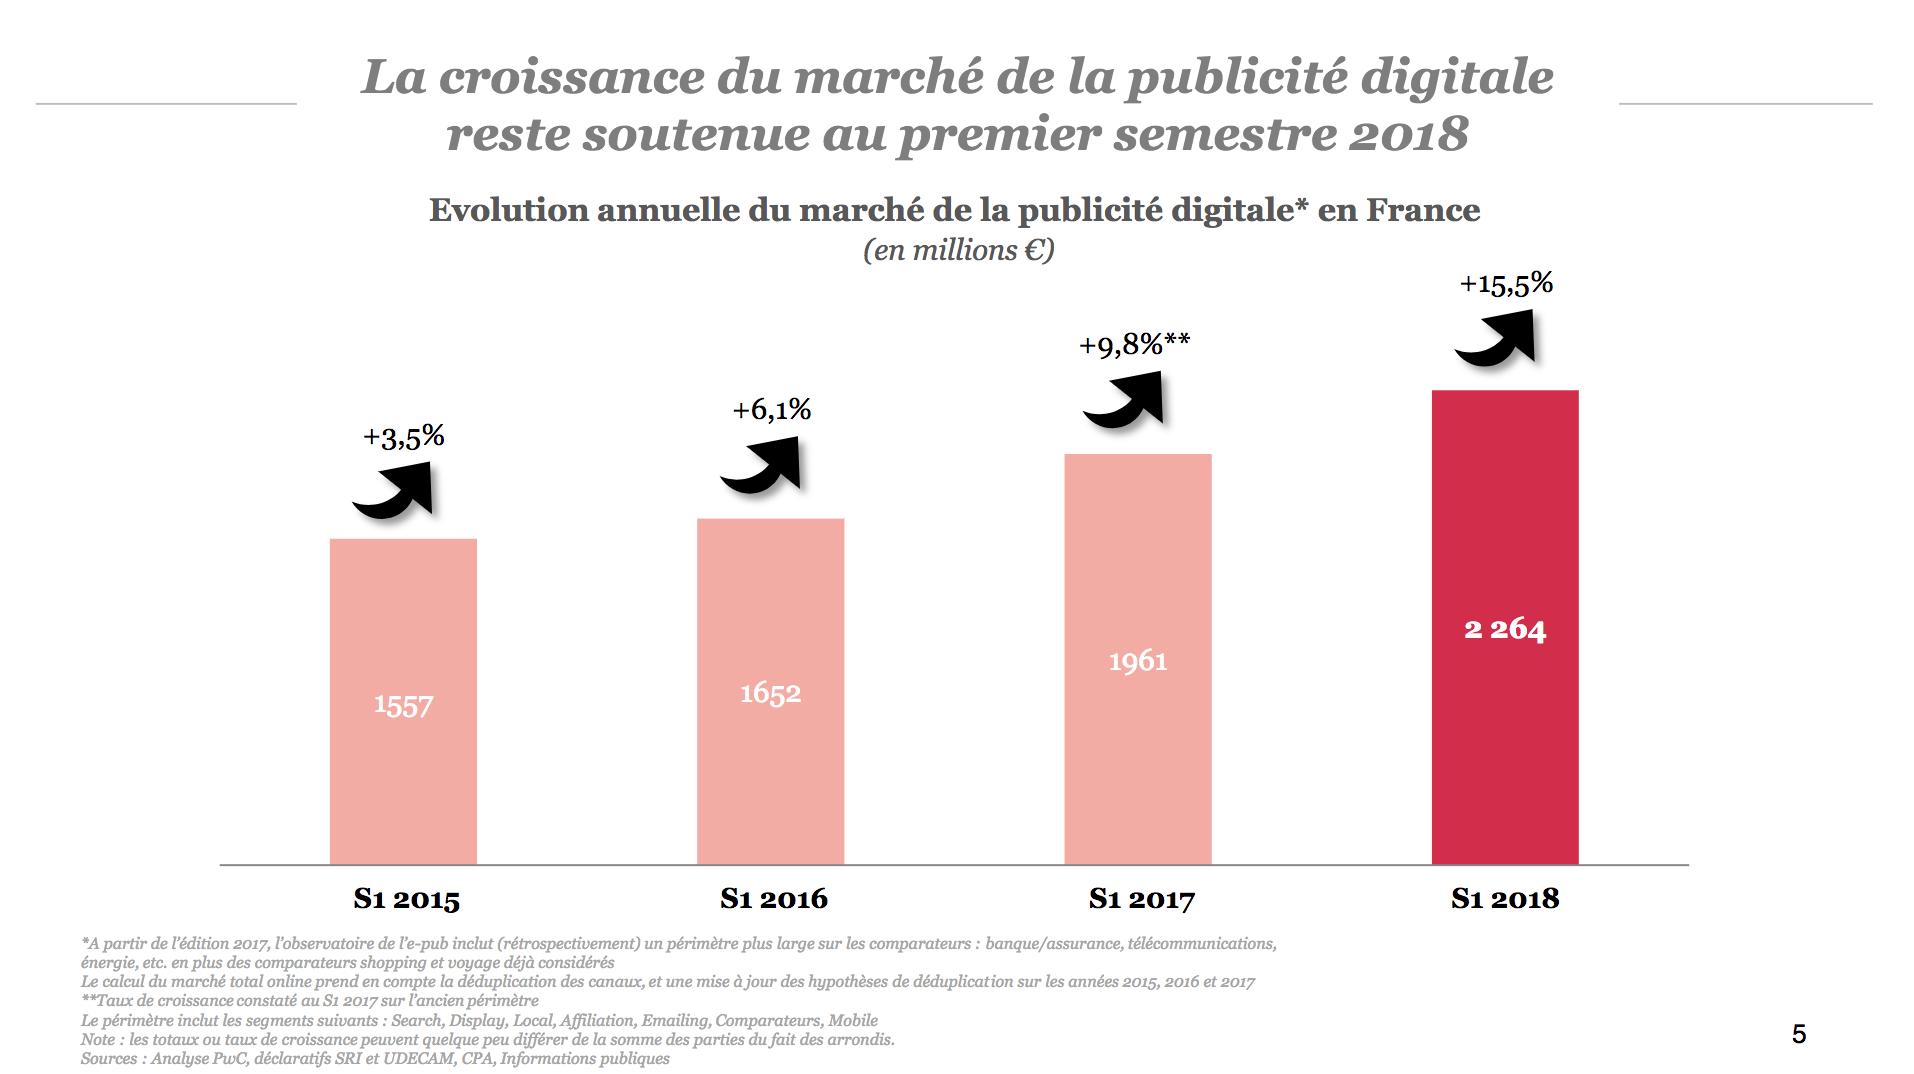 Le marché e-pub global en forte croissance